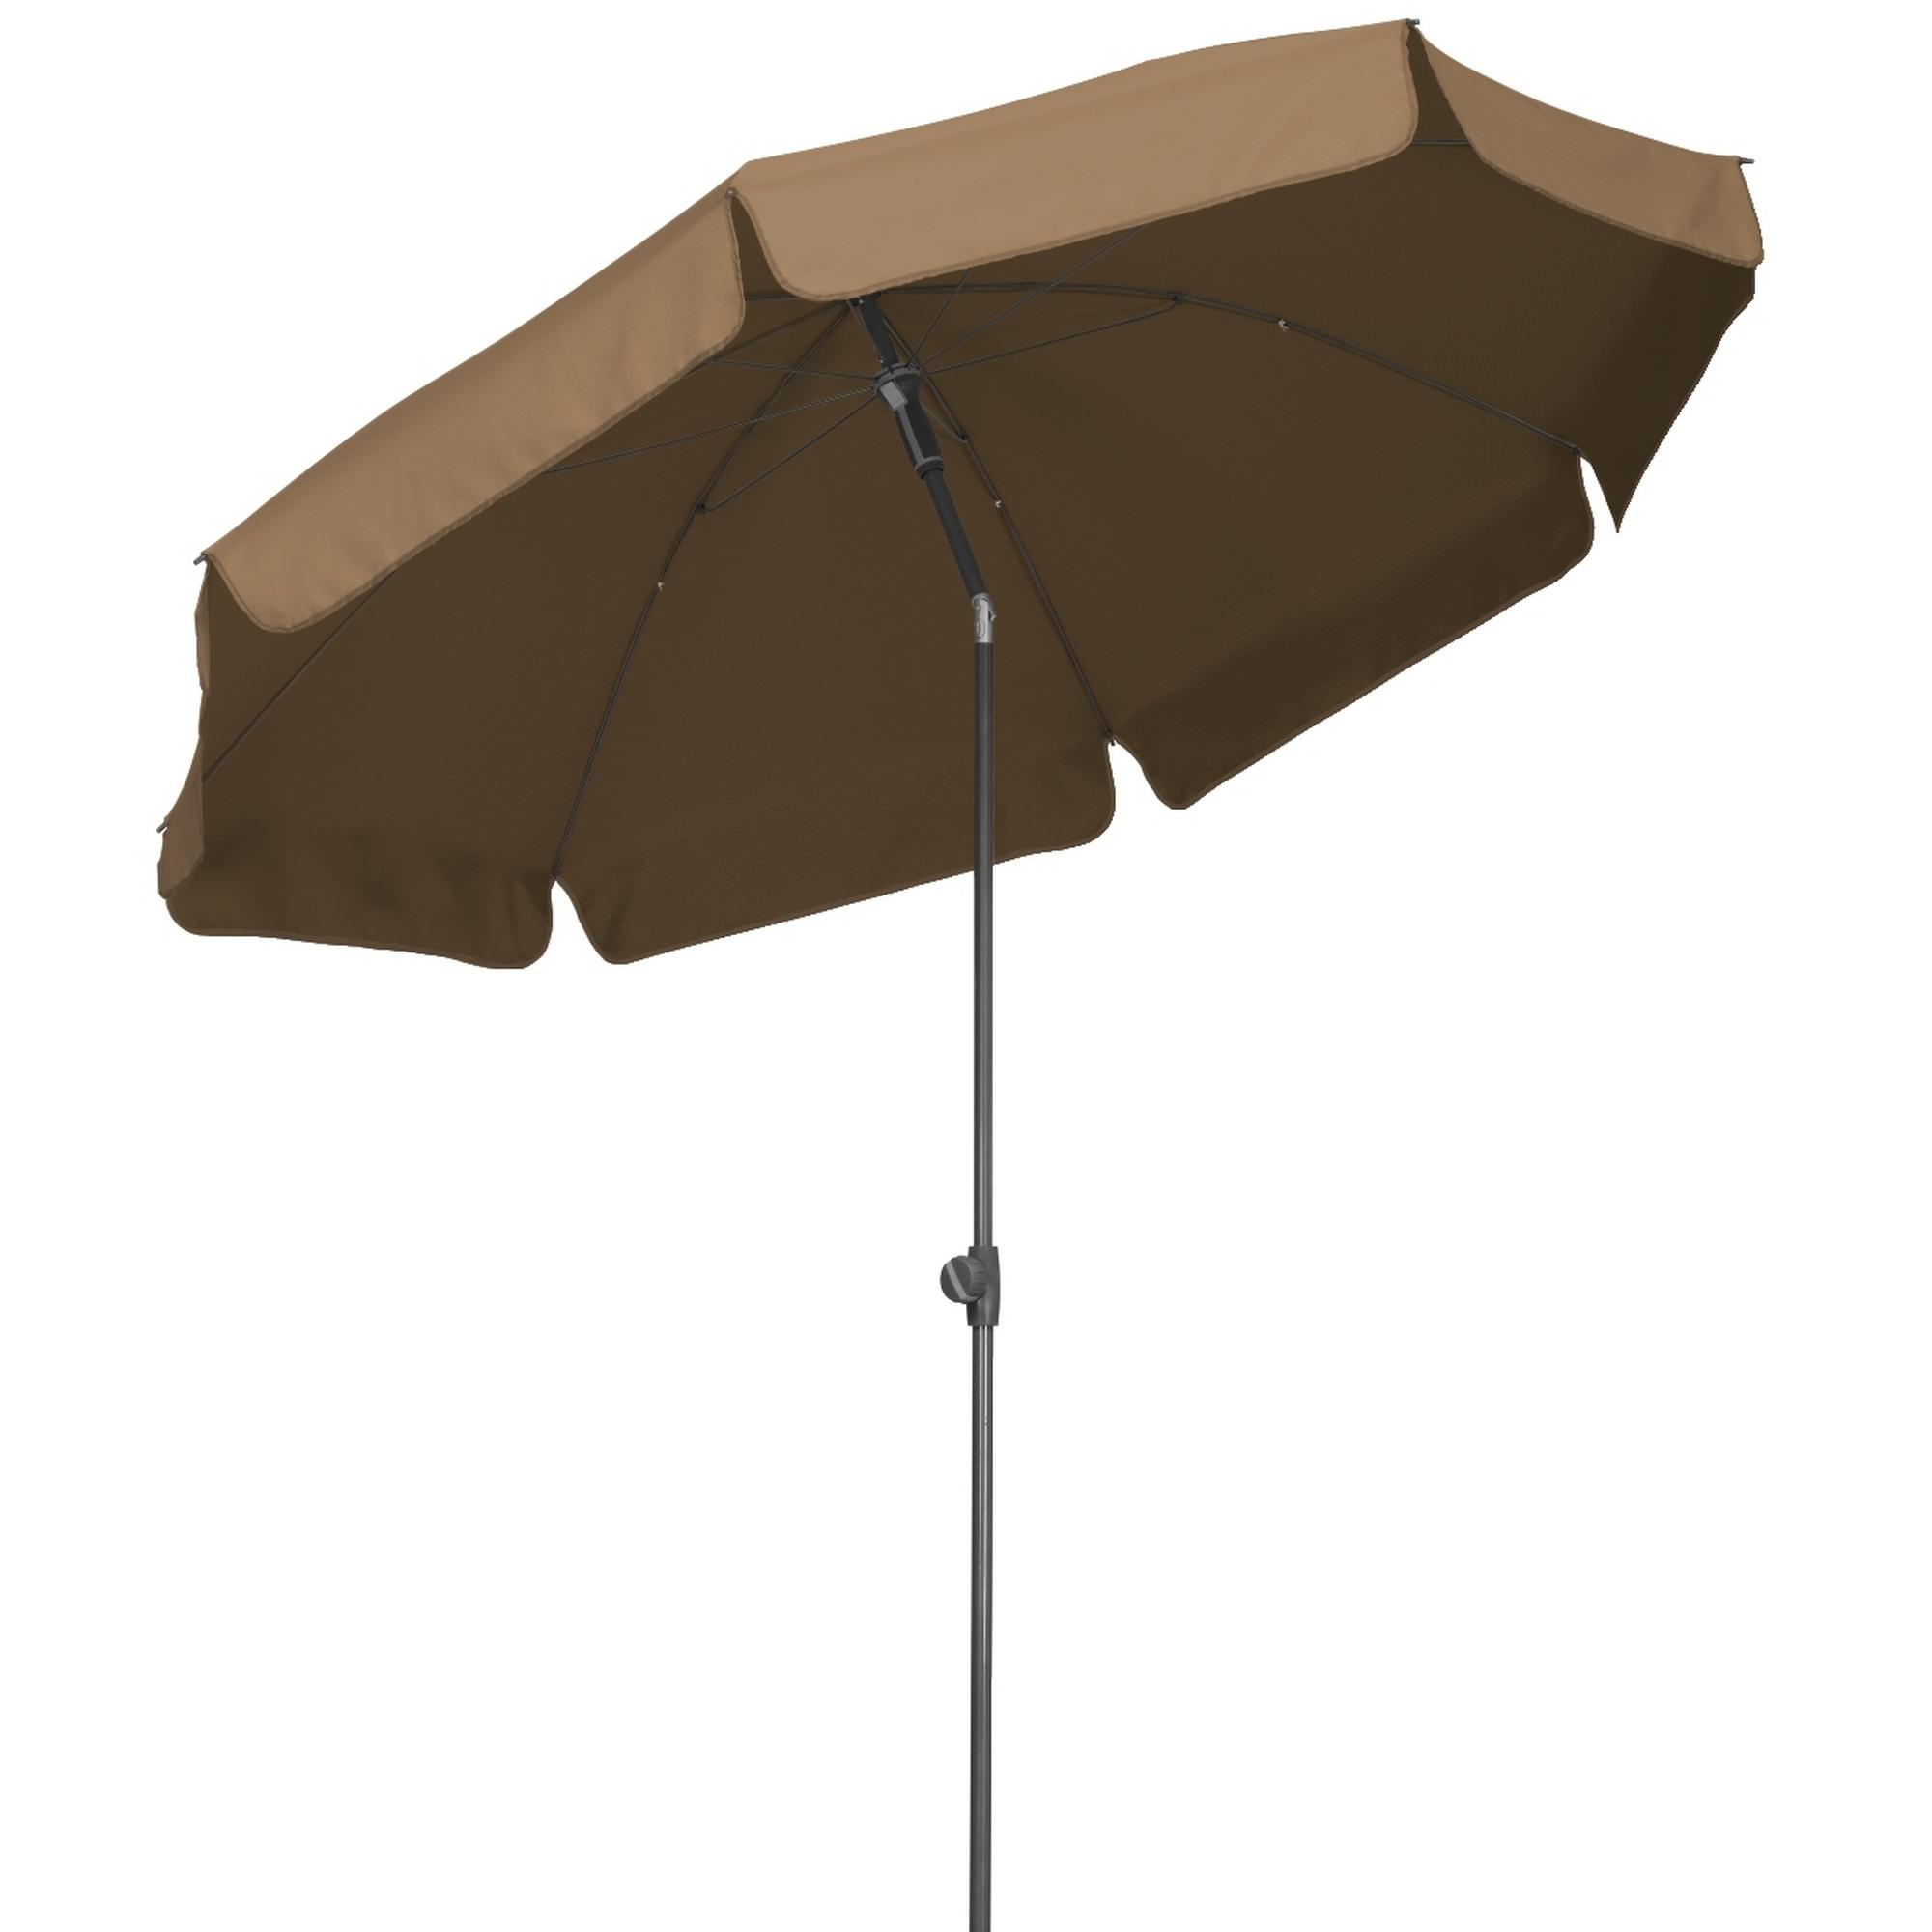 Schneider Schirme Sonnenschirm AQUILA, Ø 200 cm, mocca